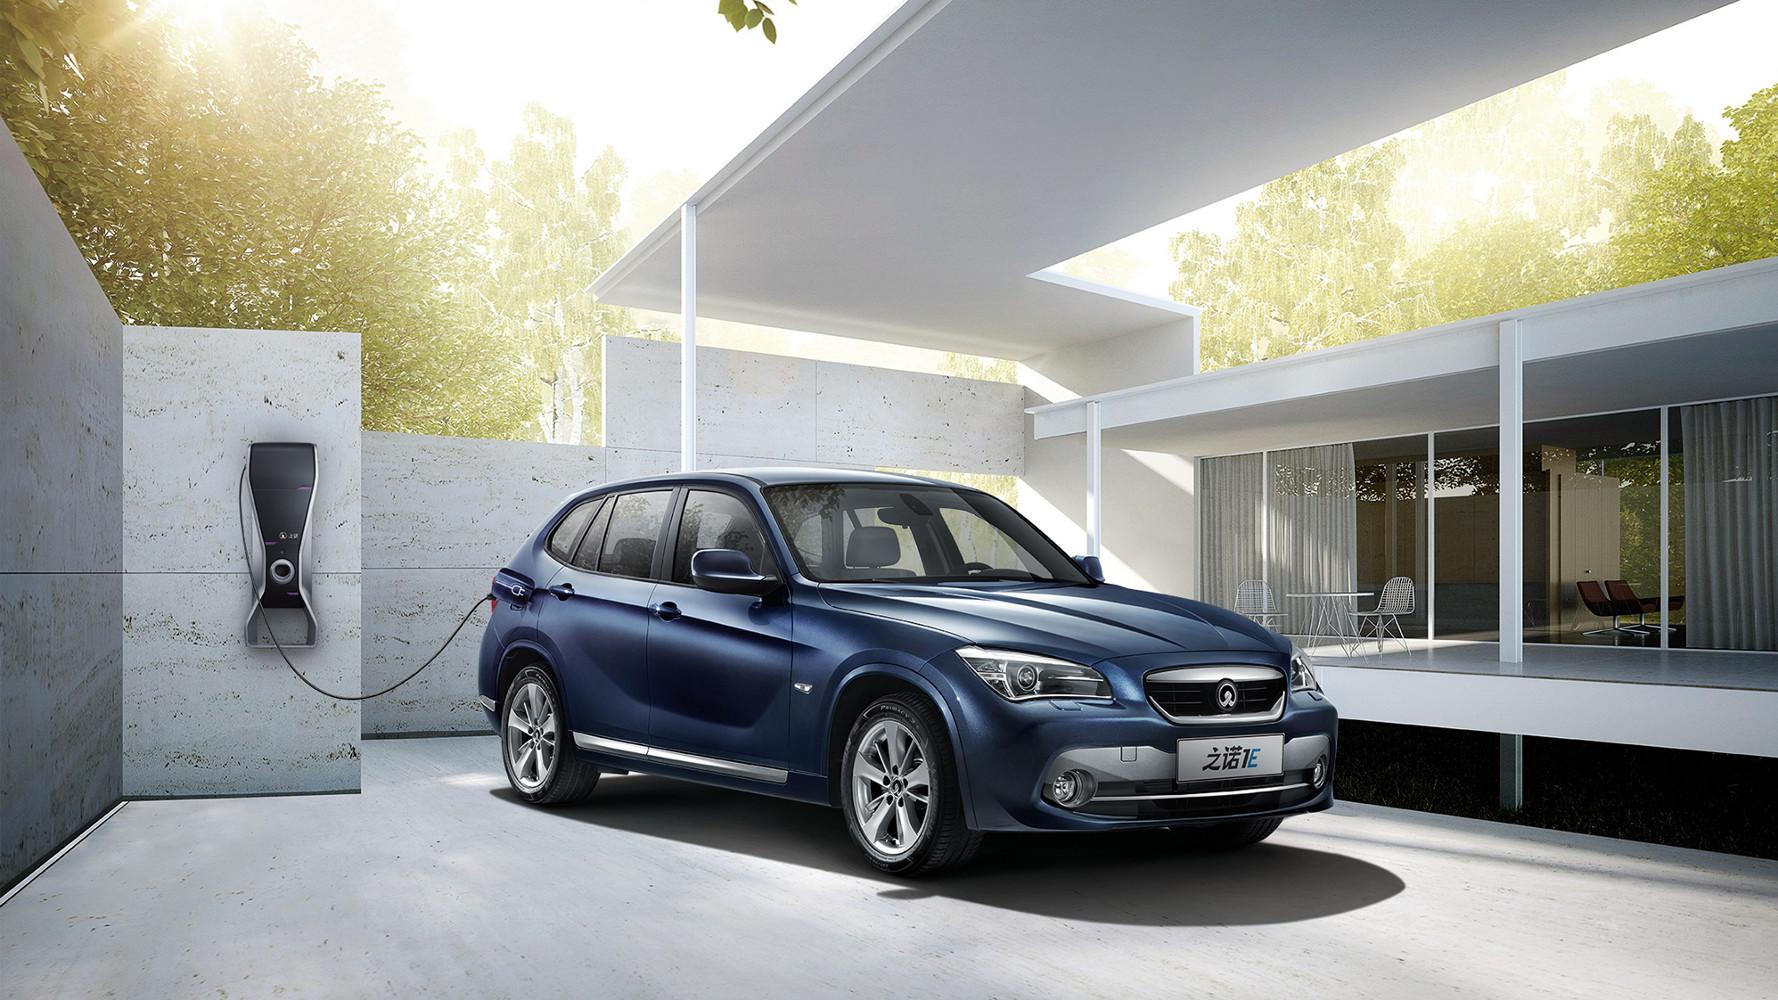 BMW stellt E-SUV Zinoro E1 auf X1 Basis für China vor